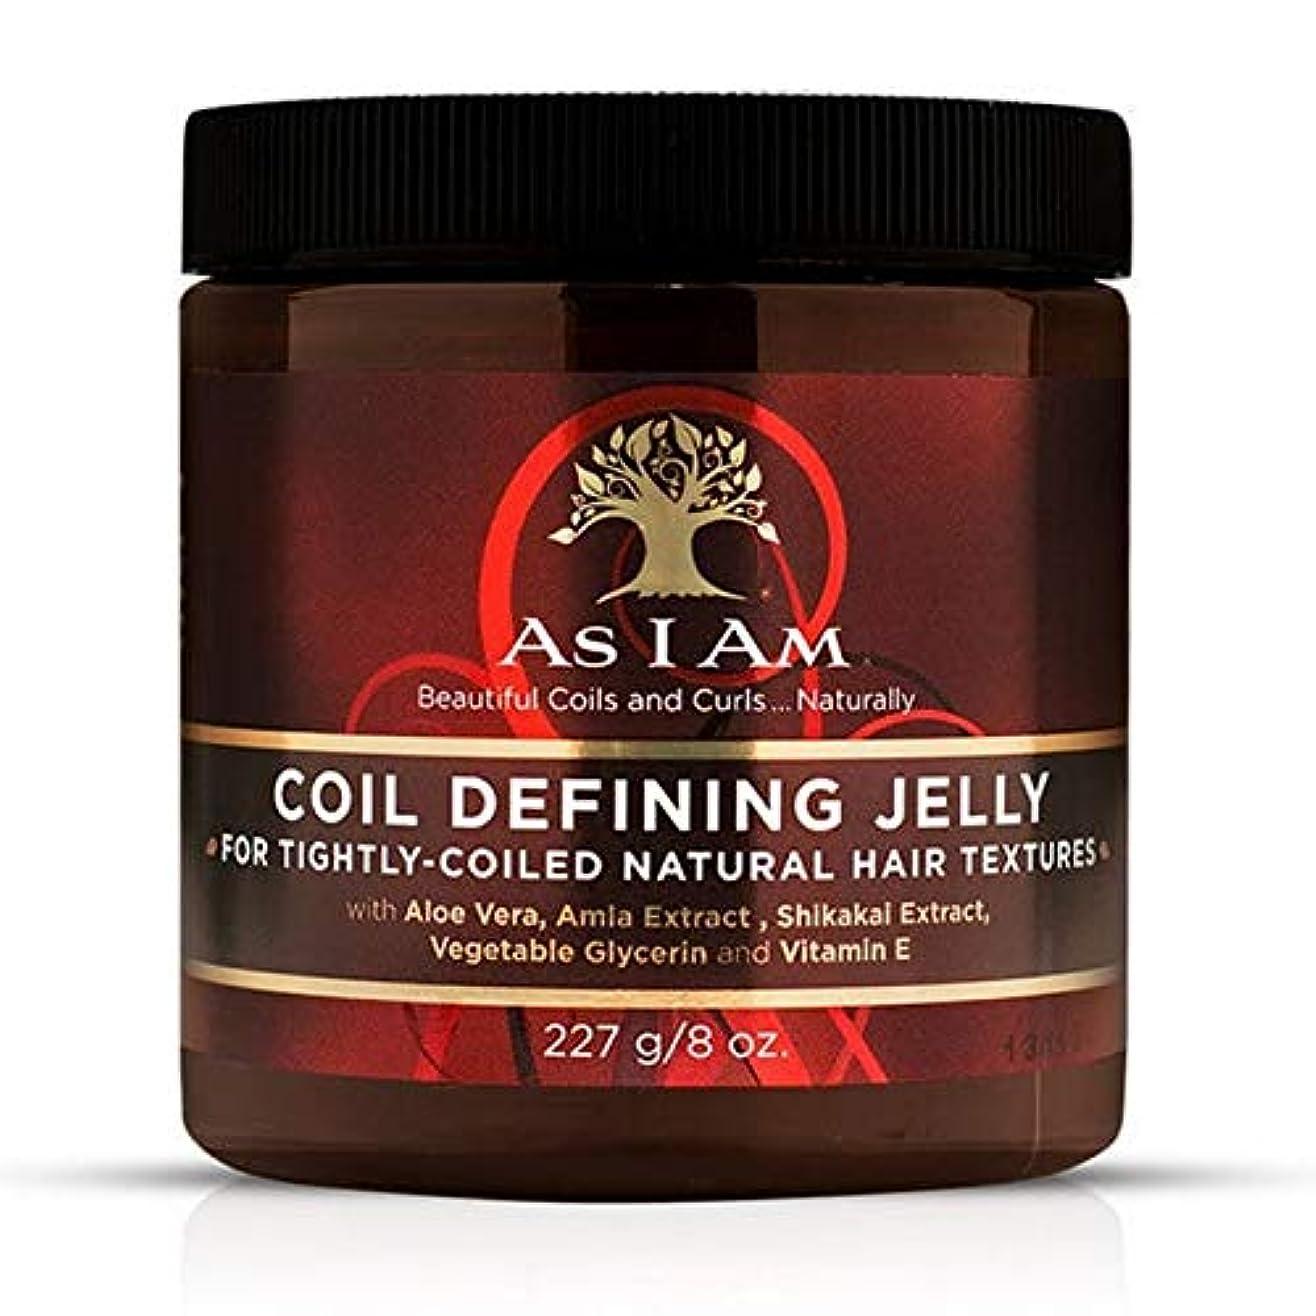 些細な遺伝的繕う[AS I AM] 私はスタイリングゼリー227グラムを定義するコイル当然だとして - AS I AM Naturally Coil Defining Styling Jelly 227g [並行輸入品]